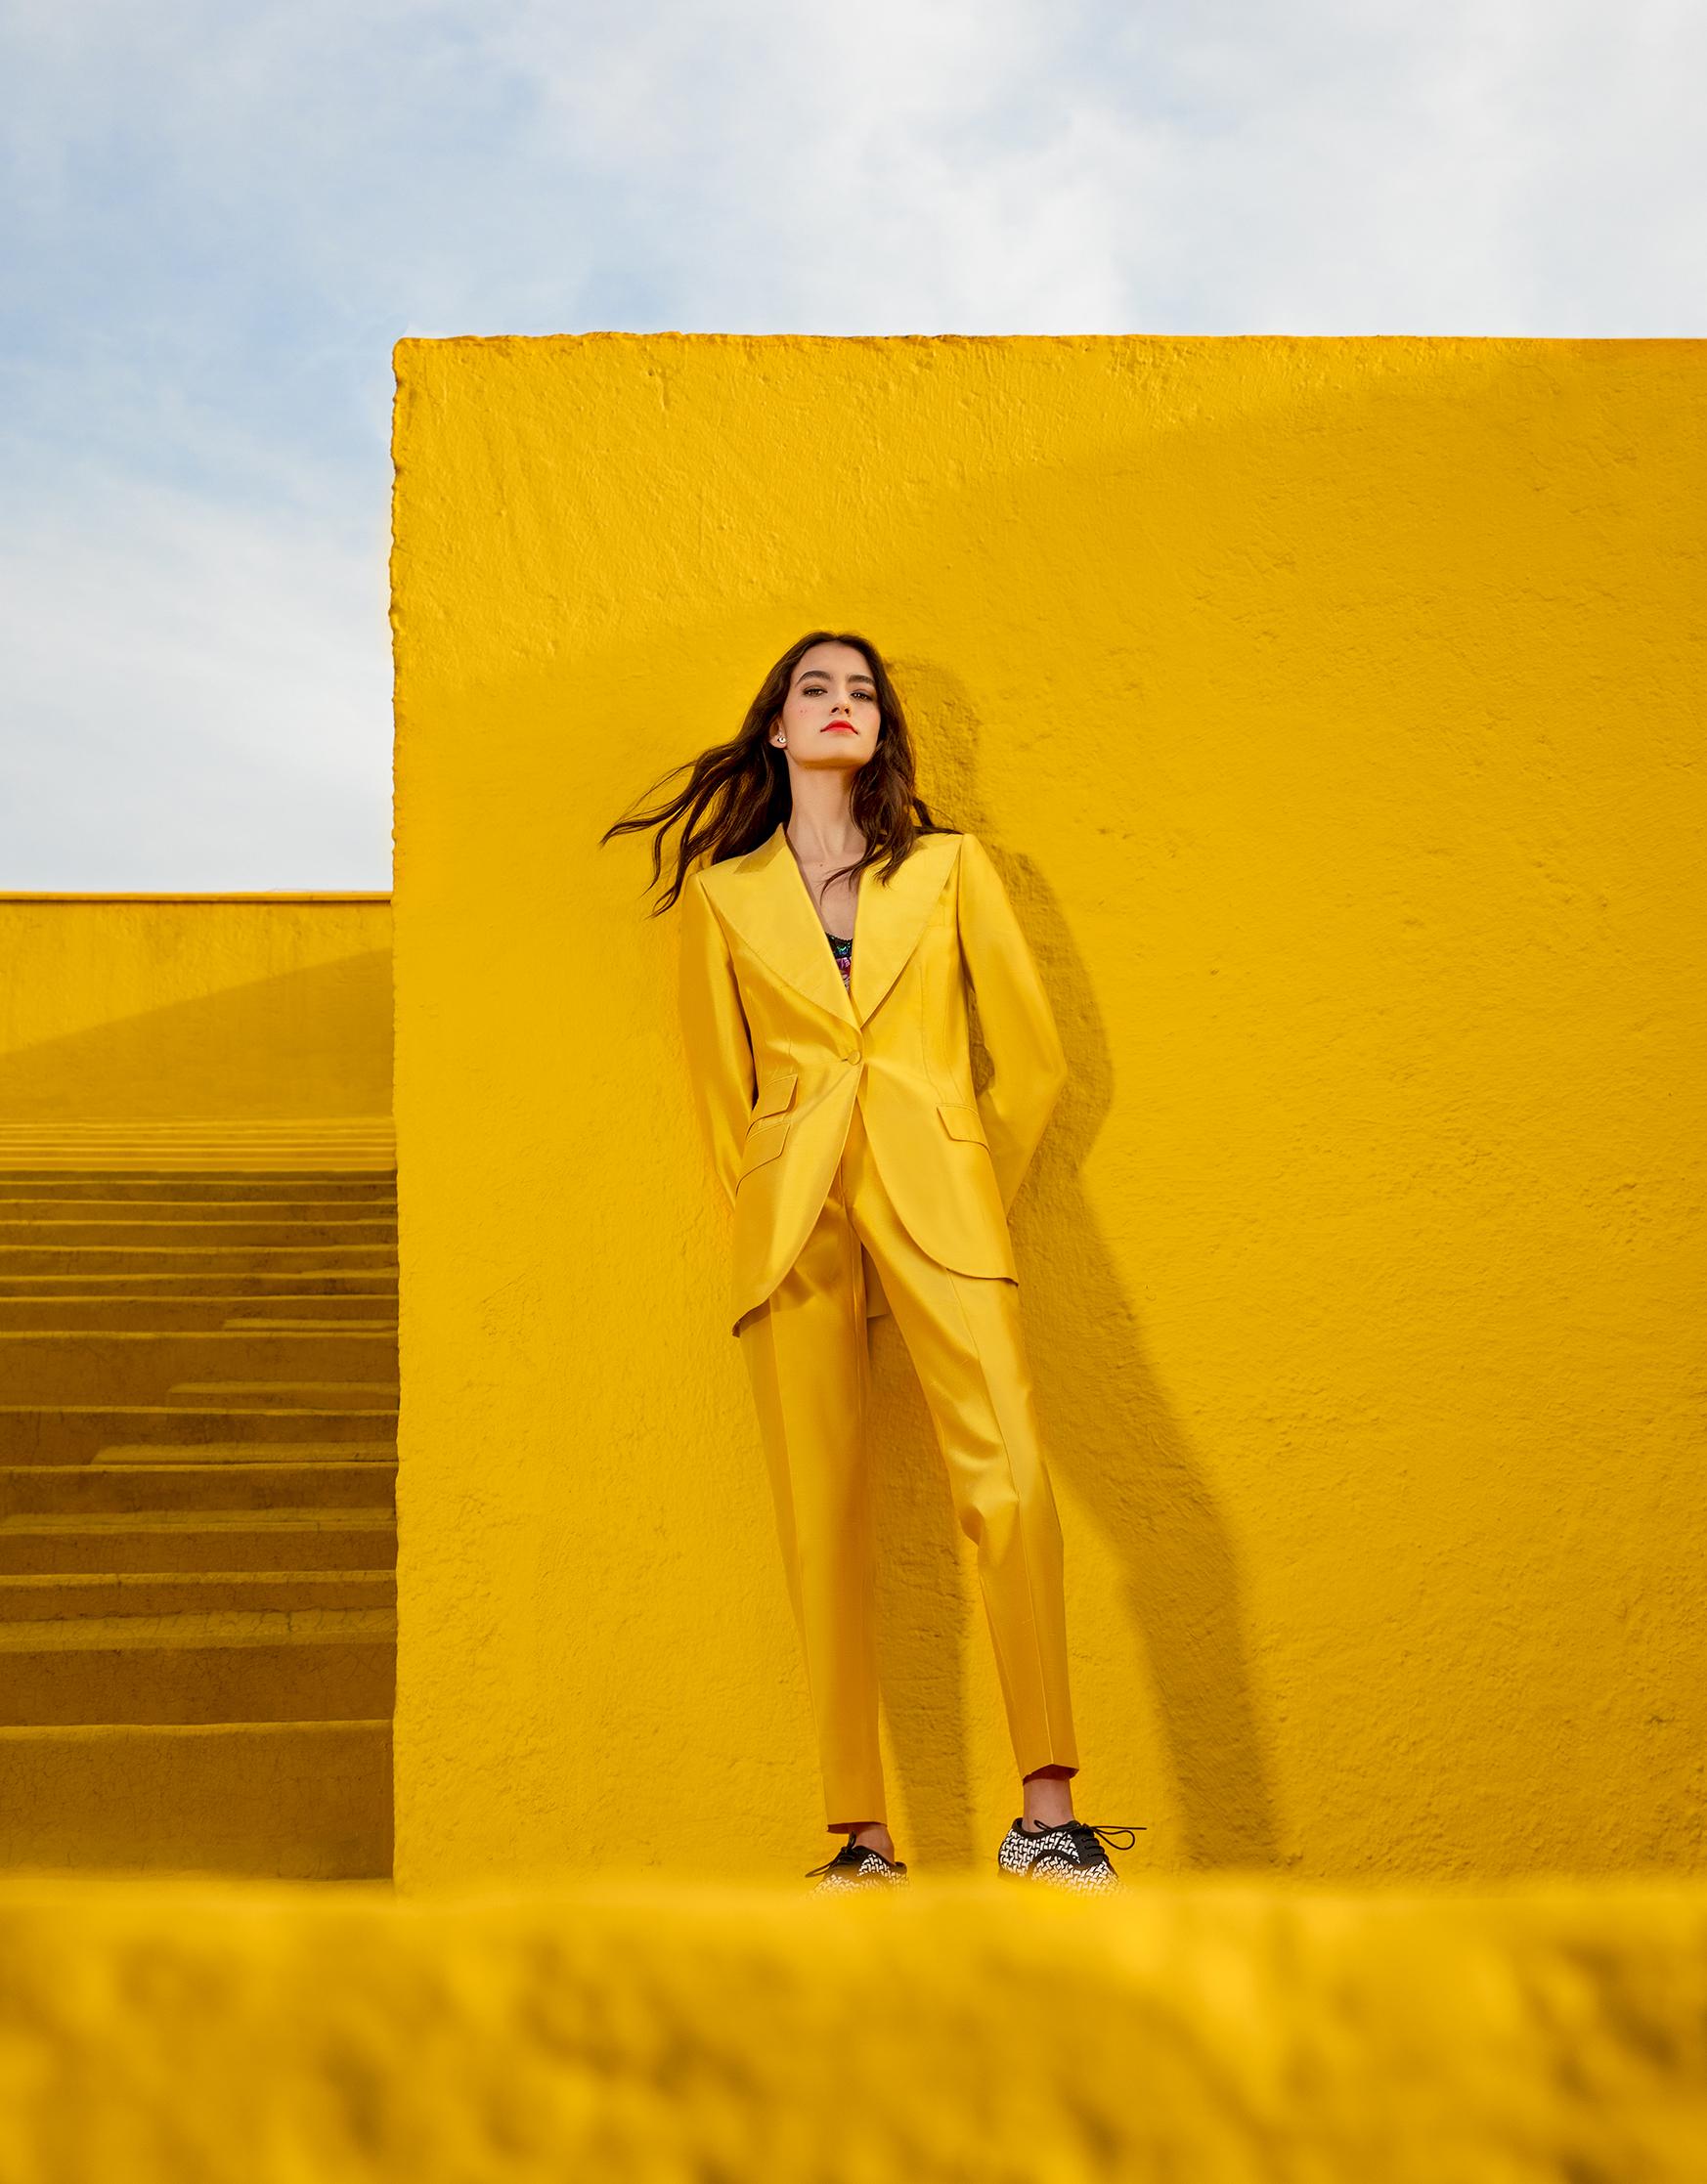 El LIbro Amarillo - Portada Primavera Palacio